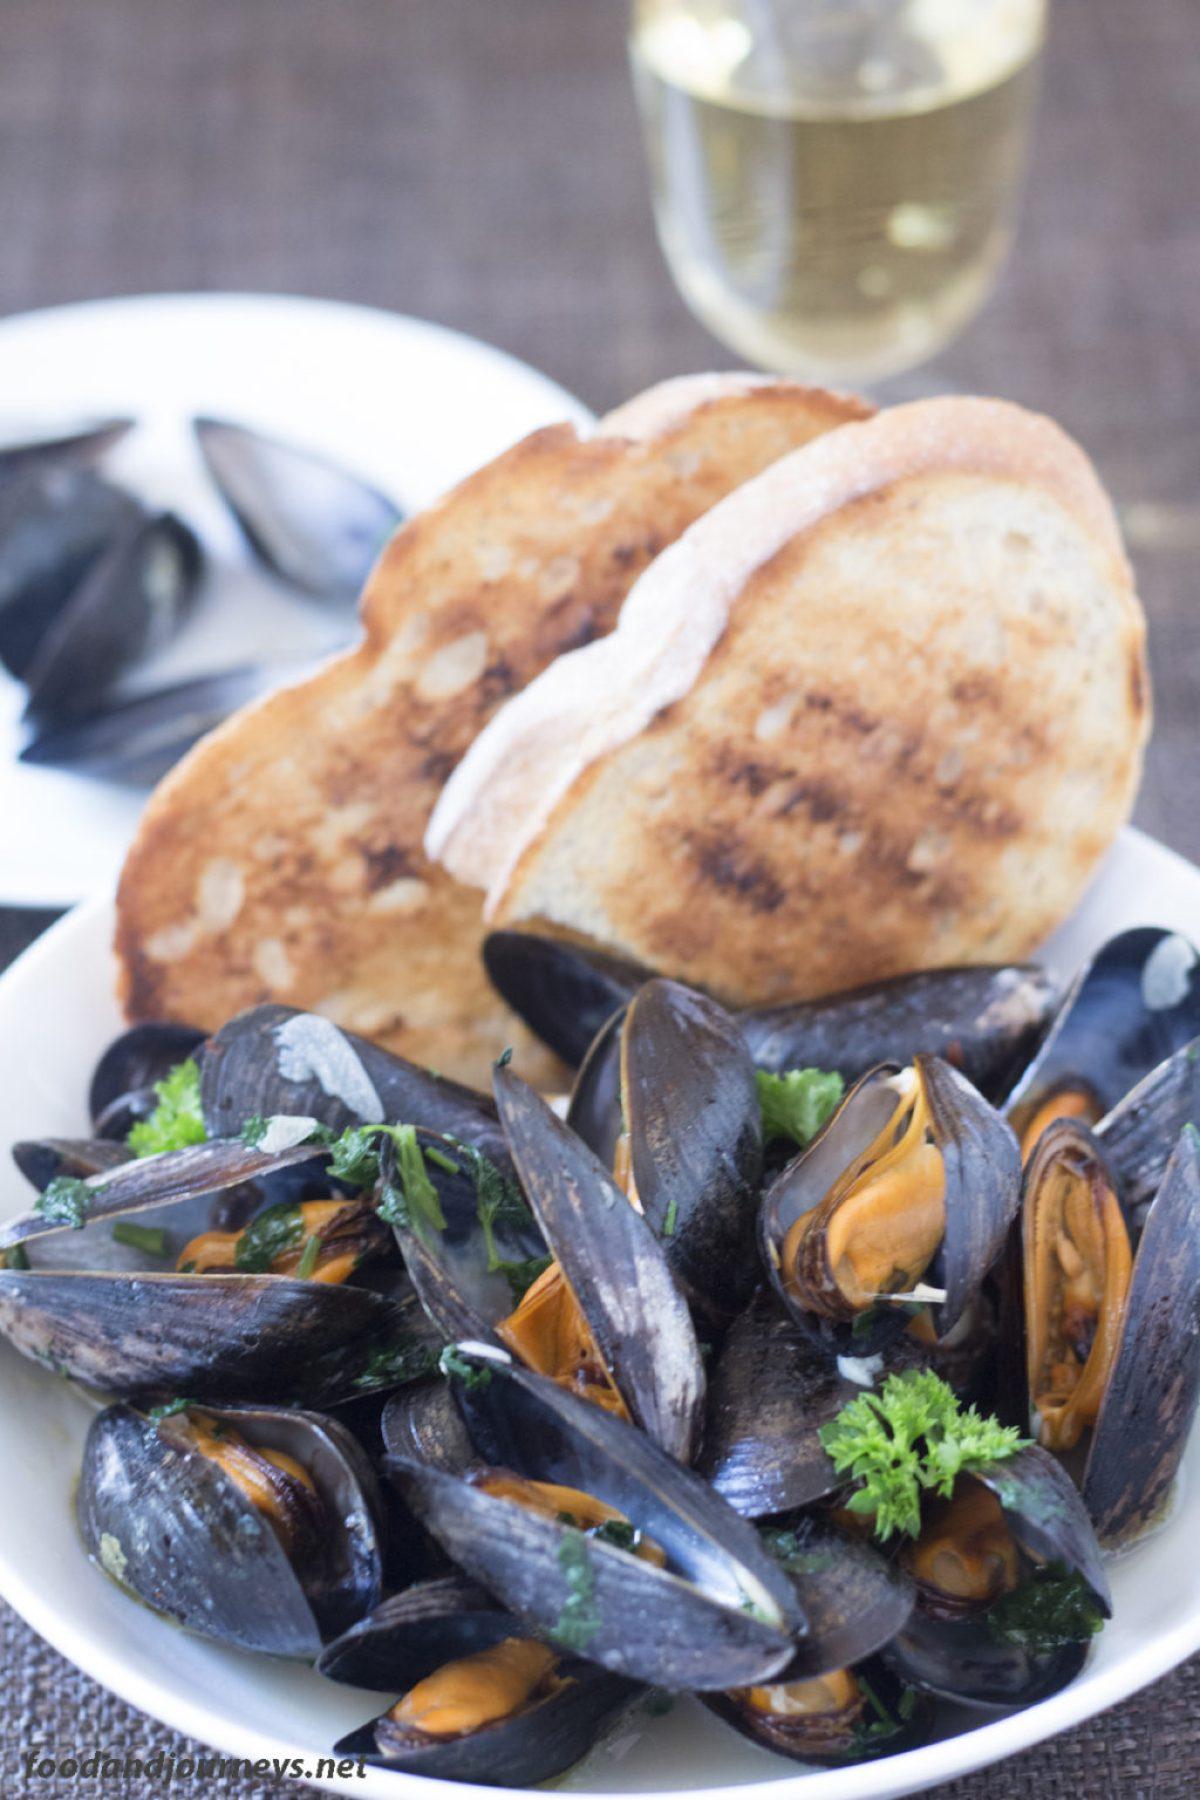 Mussels in White Wine|foodandjourneys.net